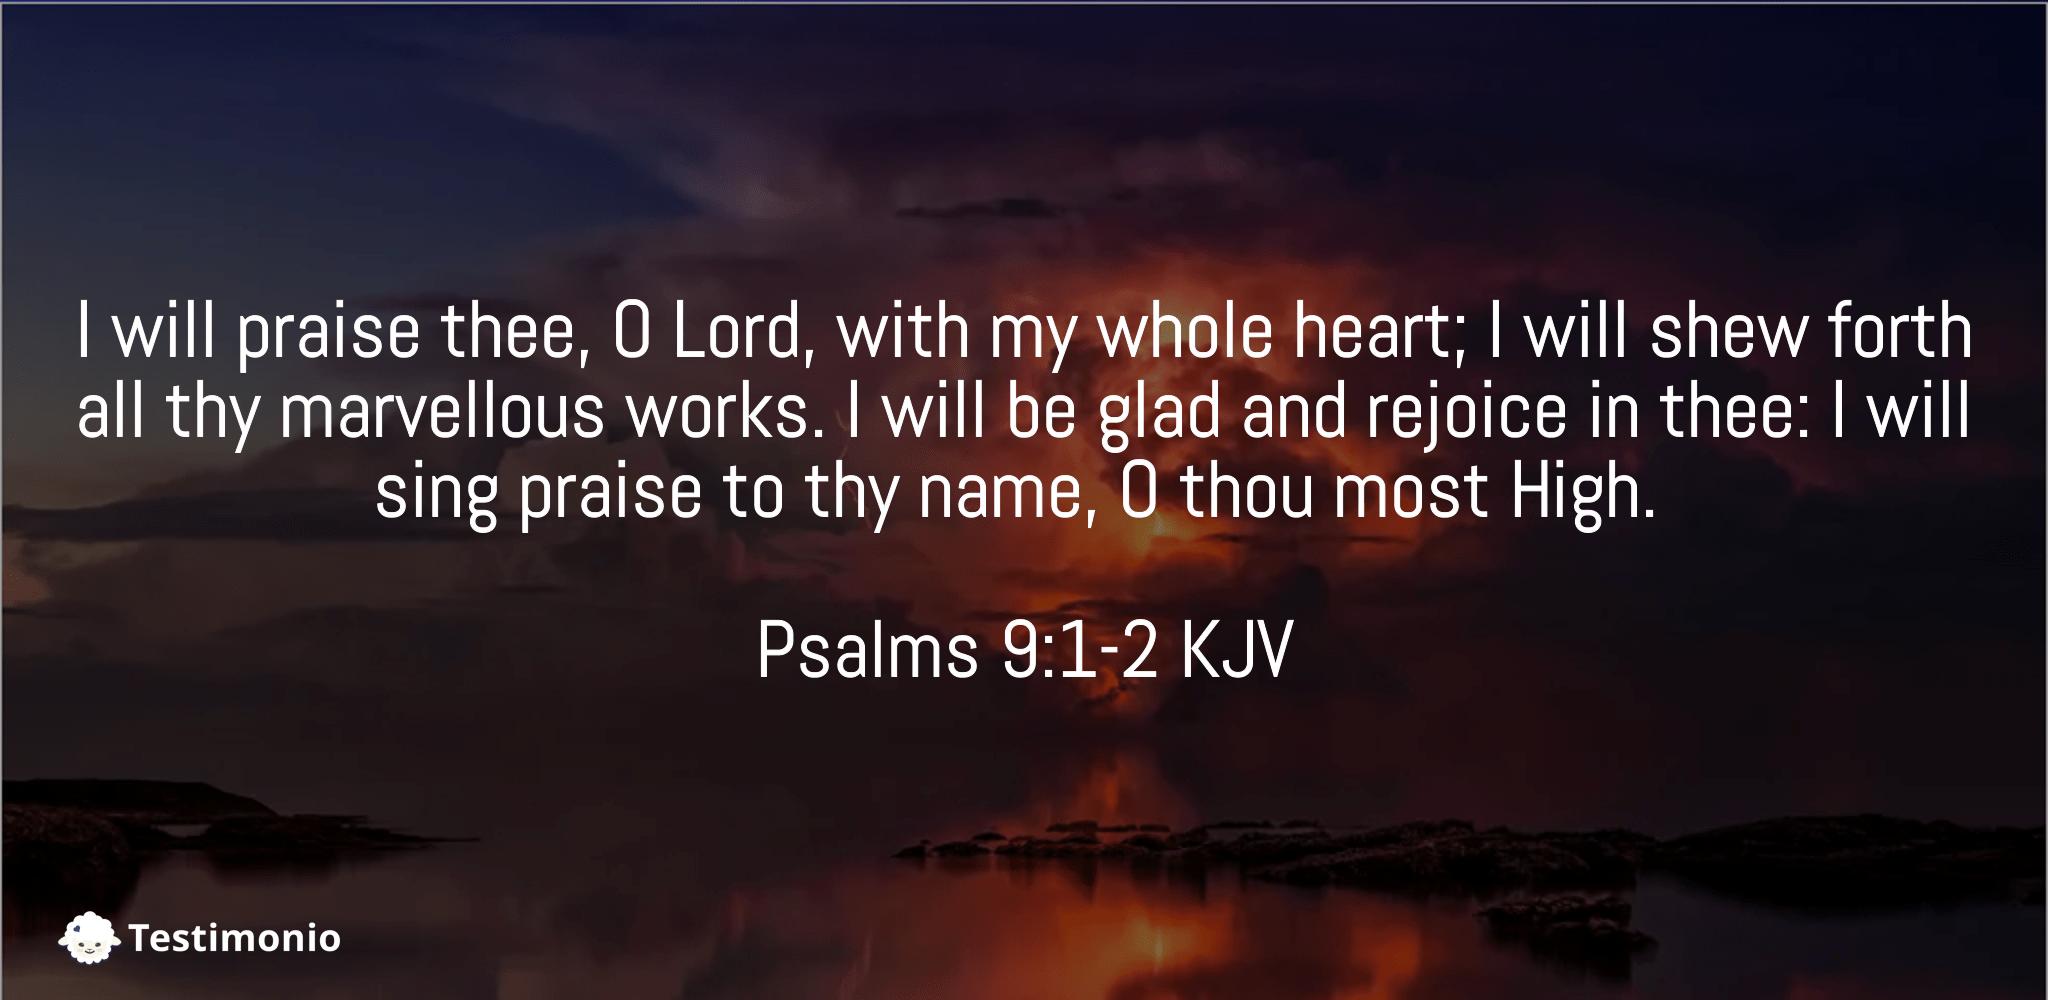 Psalms 9:1-2